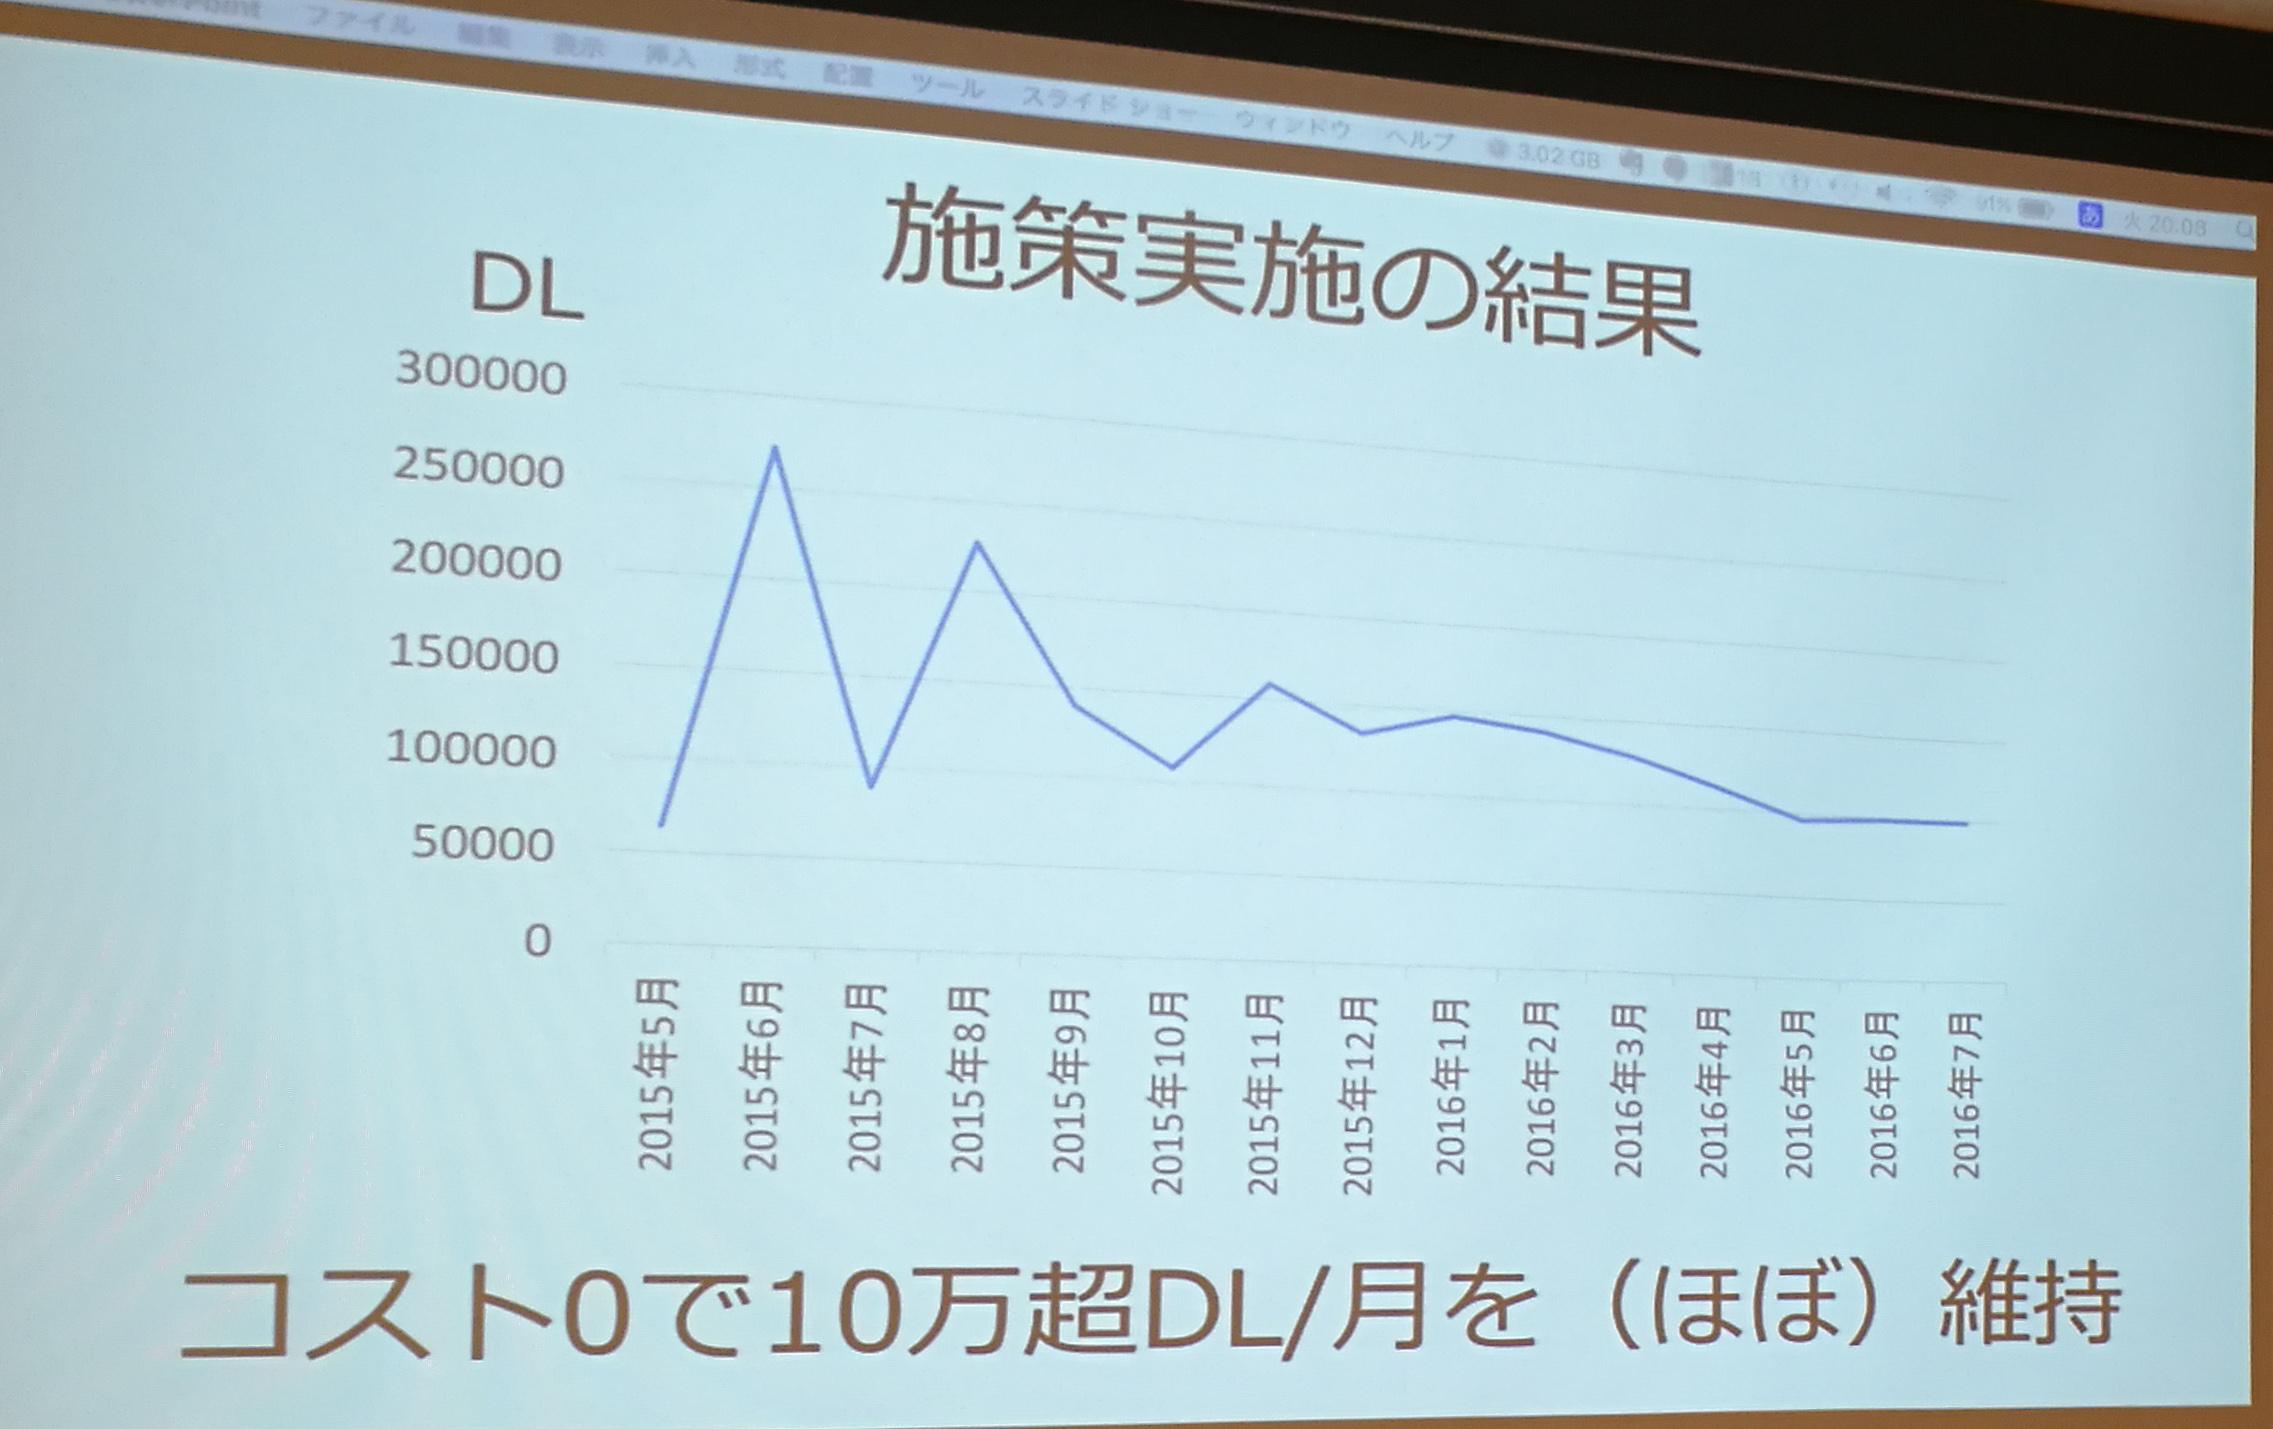 コストゼロで月10万DL超え。CPC驚異の1円で韓国のApp Store総合3位になったカジュアルゲームアプリの施策とは